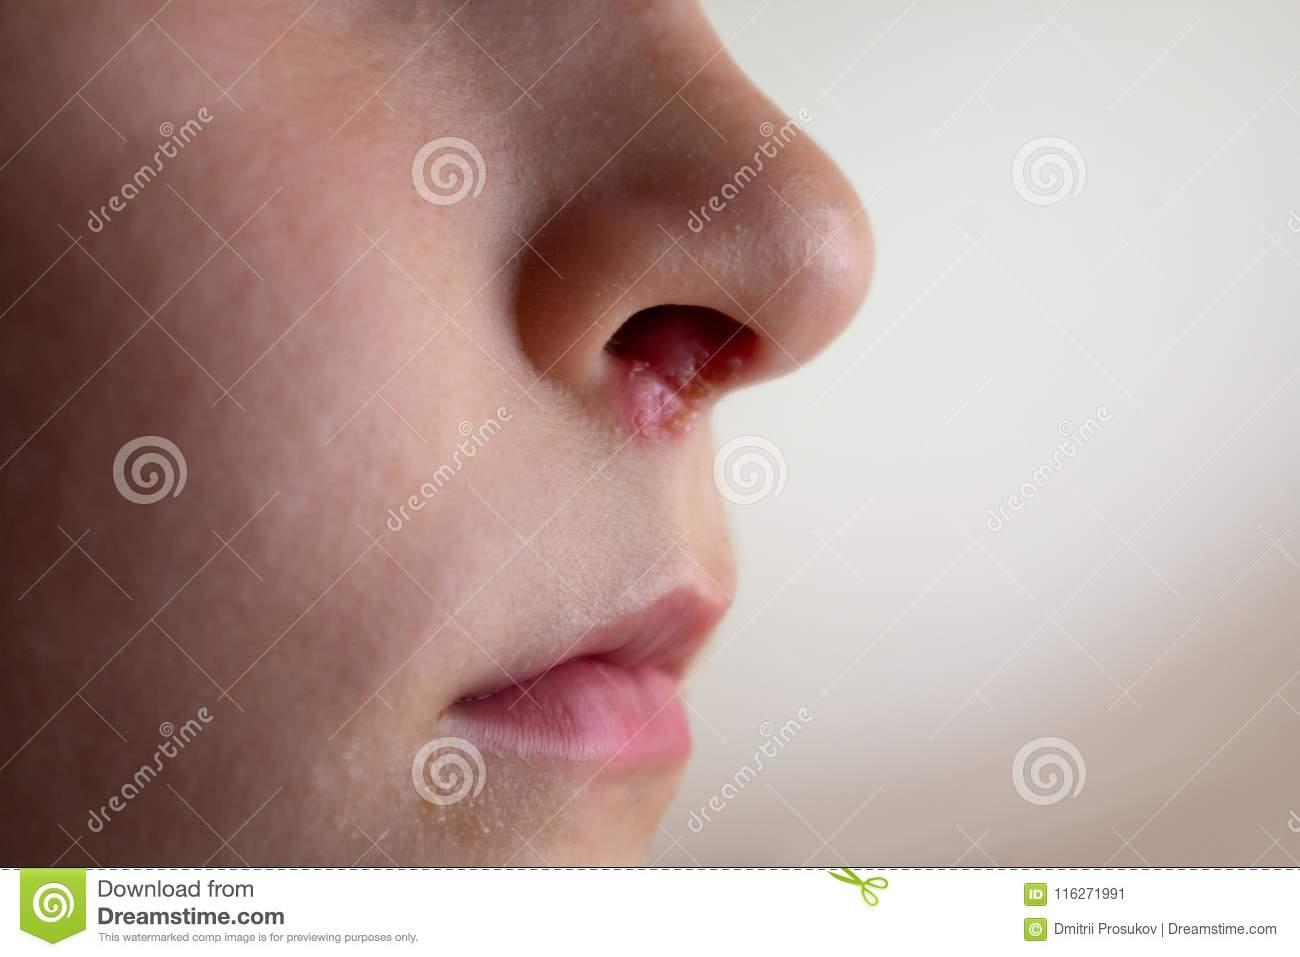 Герпес на носу